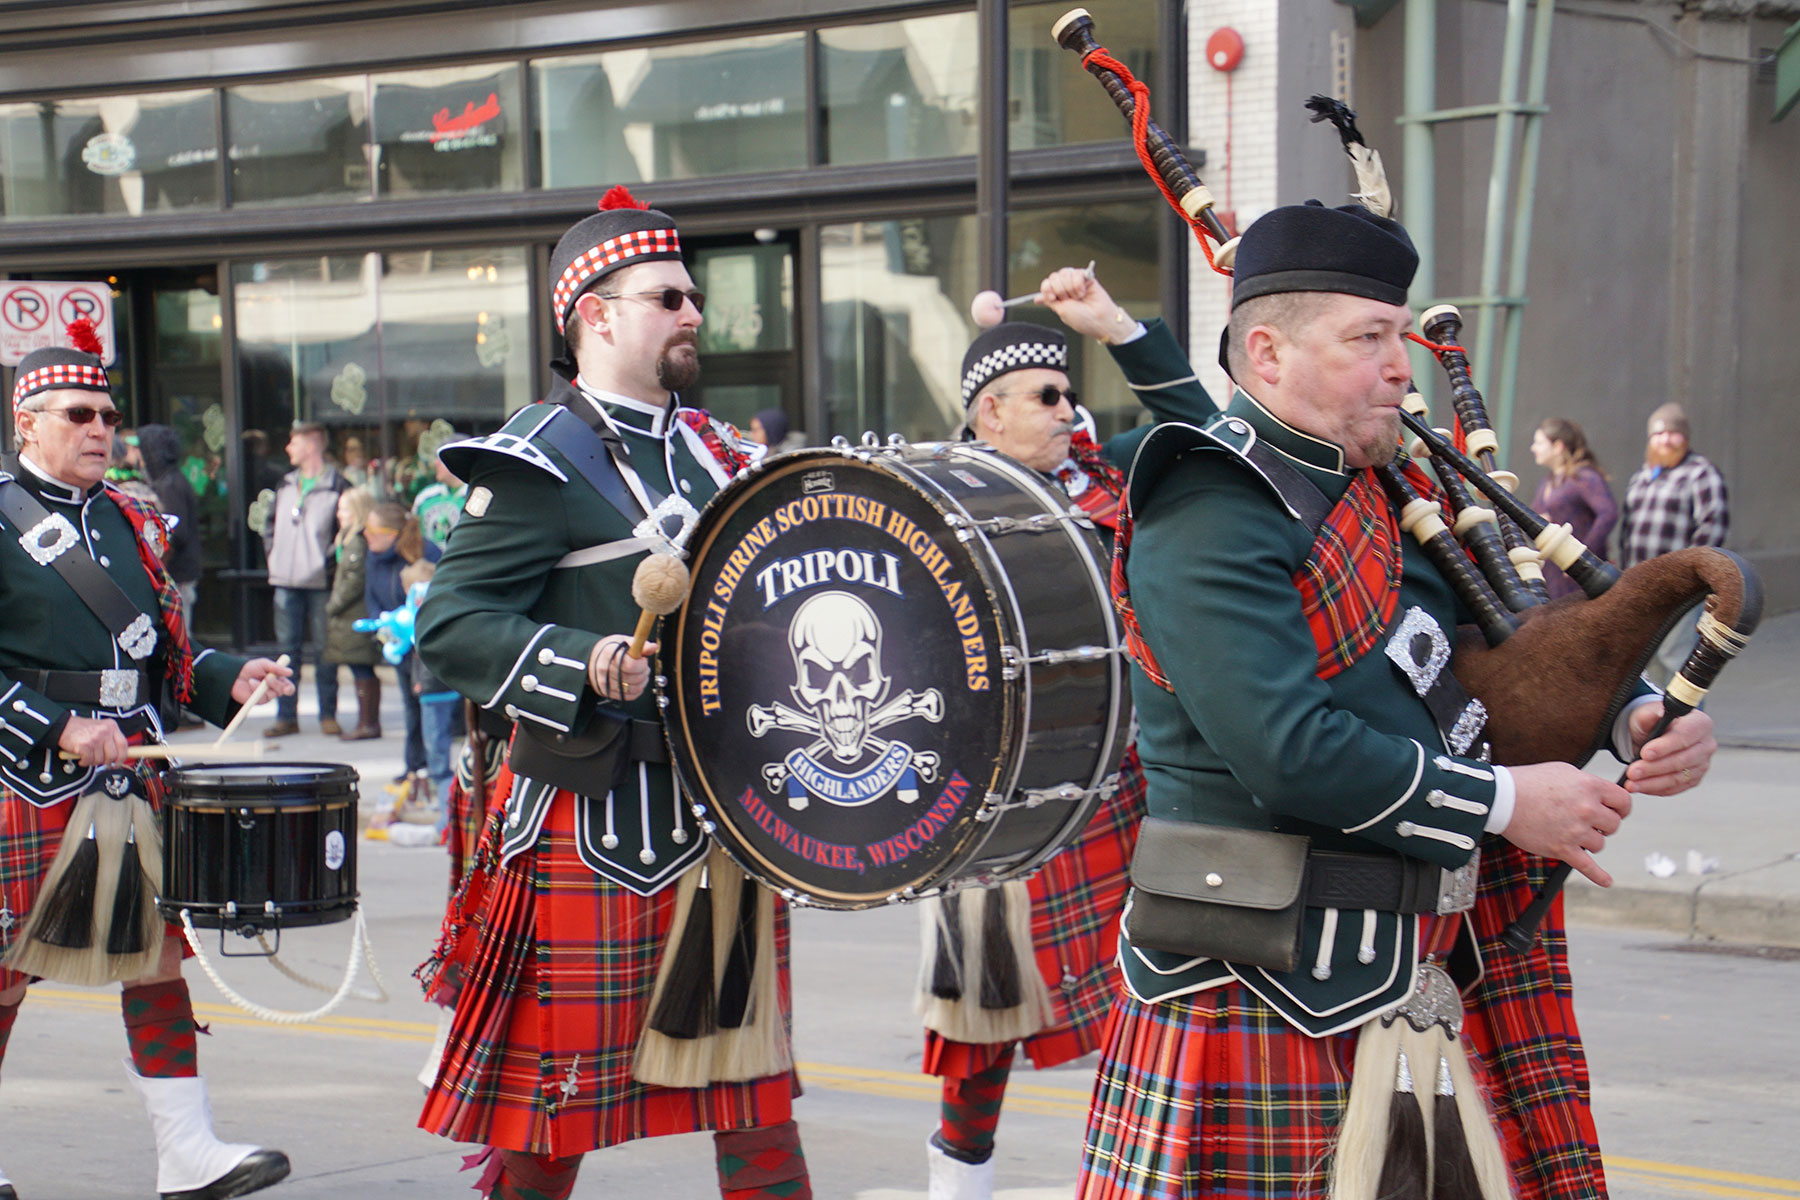 031018_stpatricksdayparade52_1497